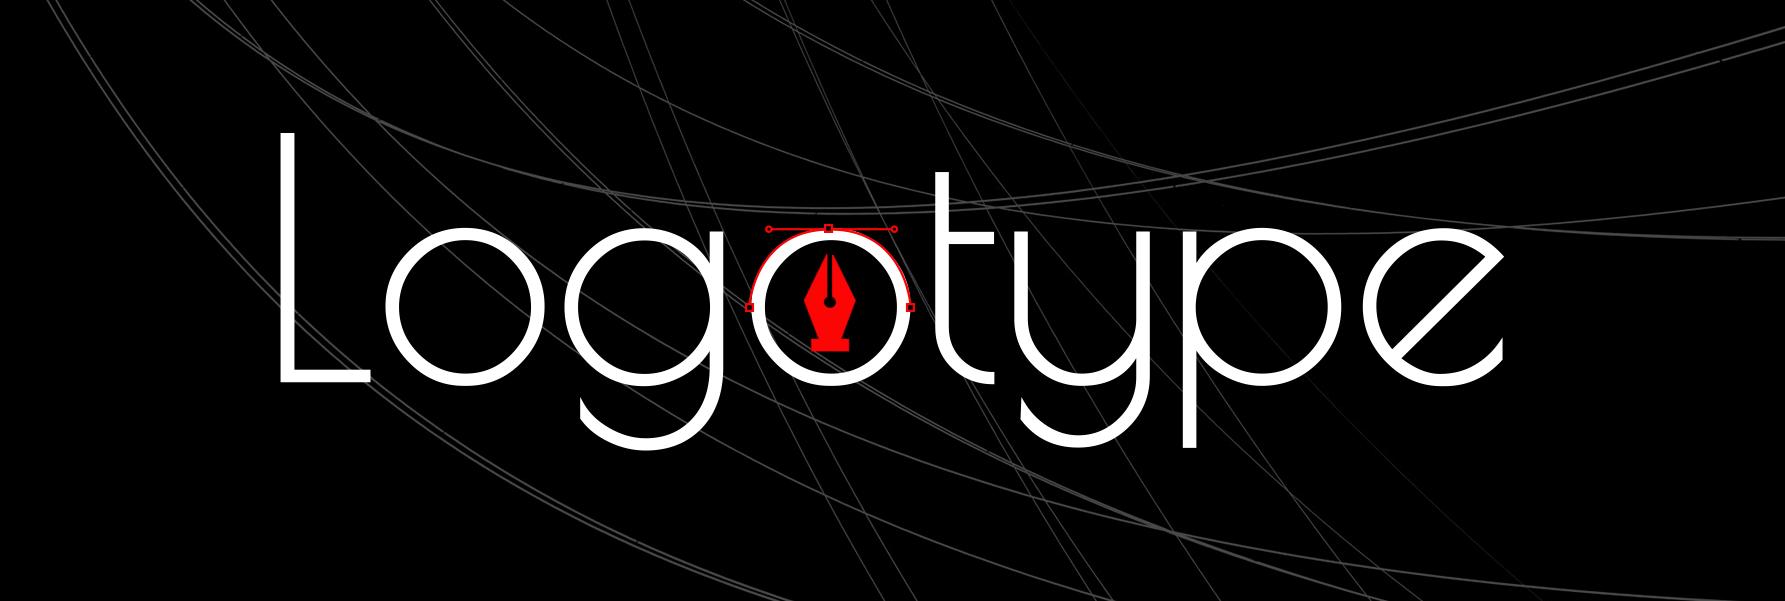 Виды логотипов: перечень основных типов, которые встречаются на рынке